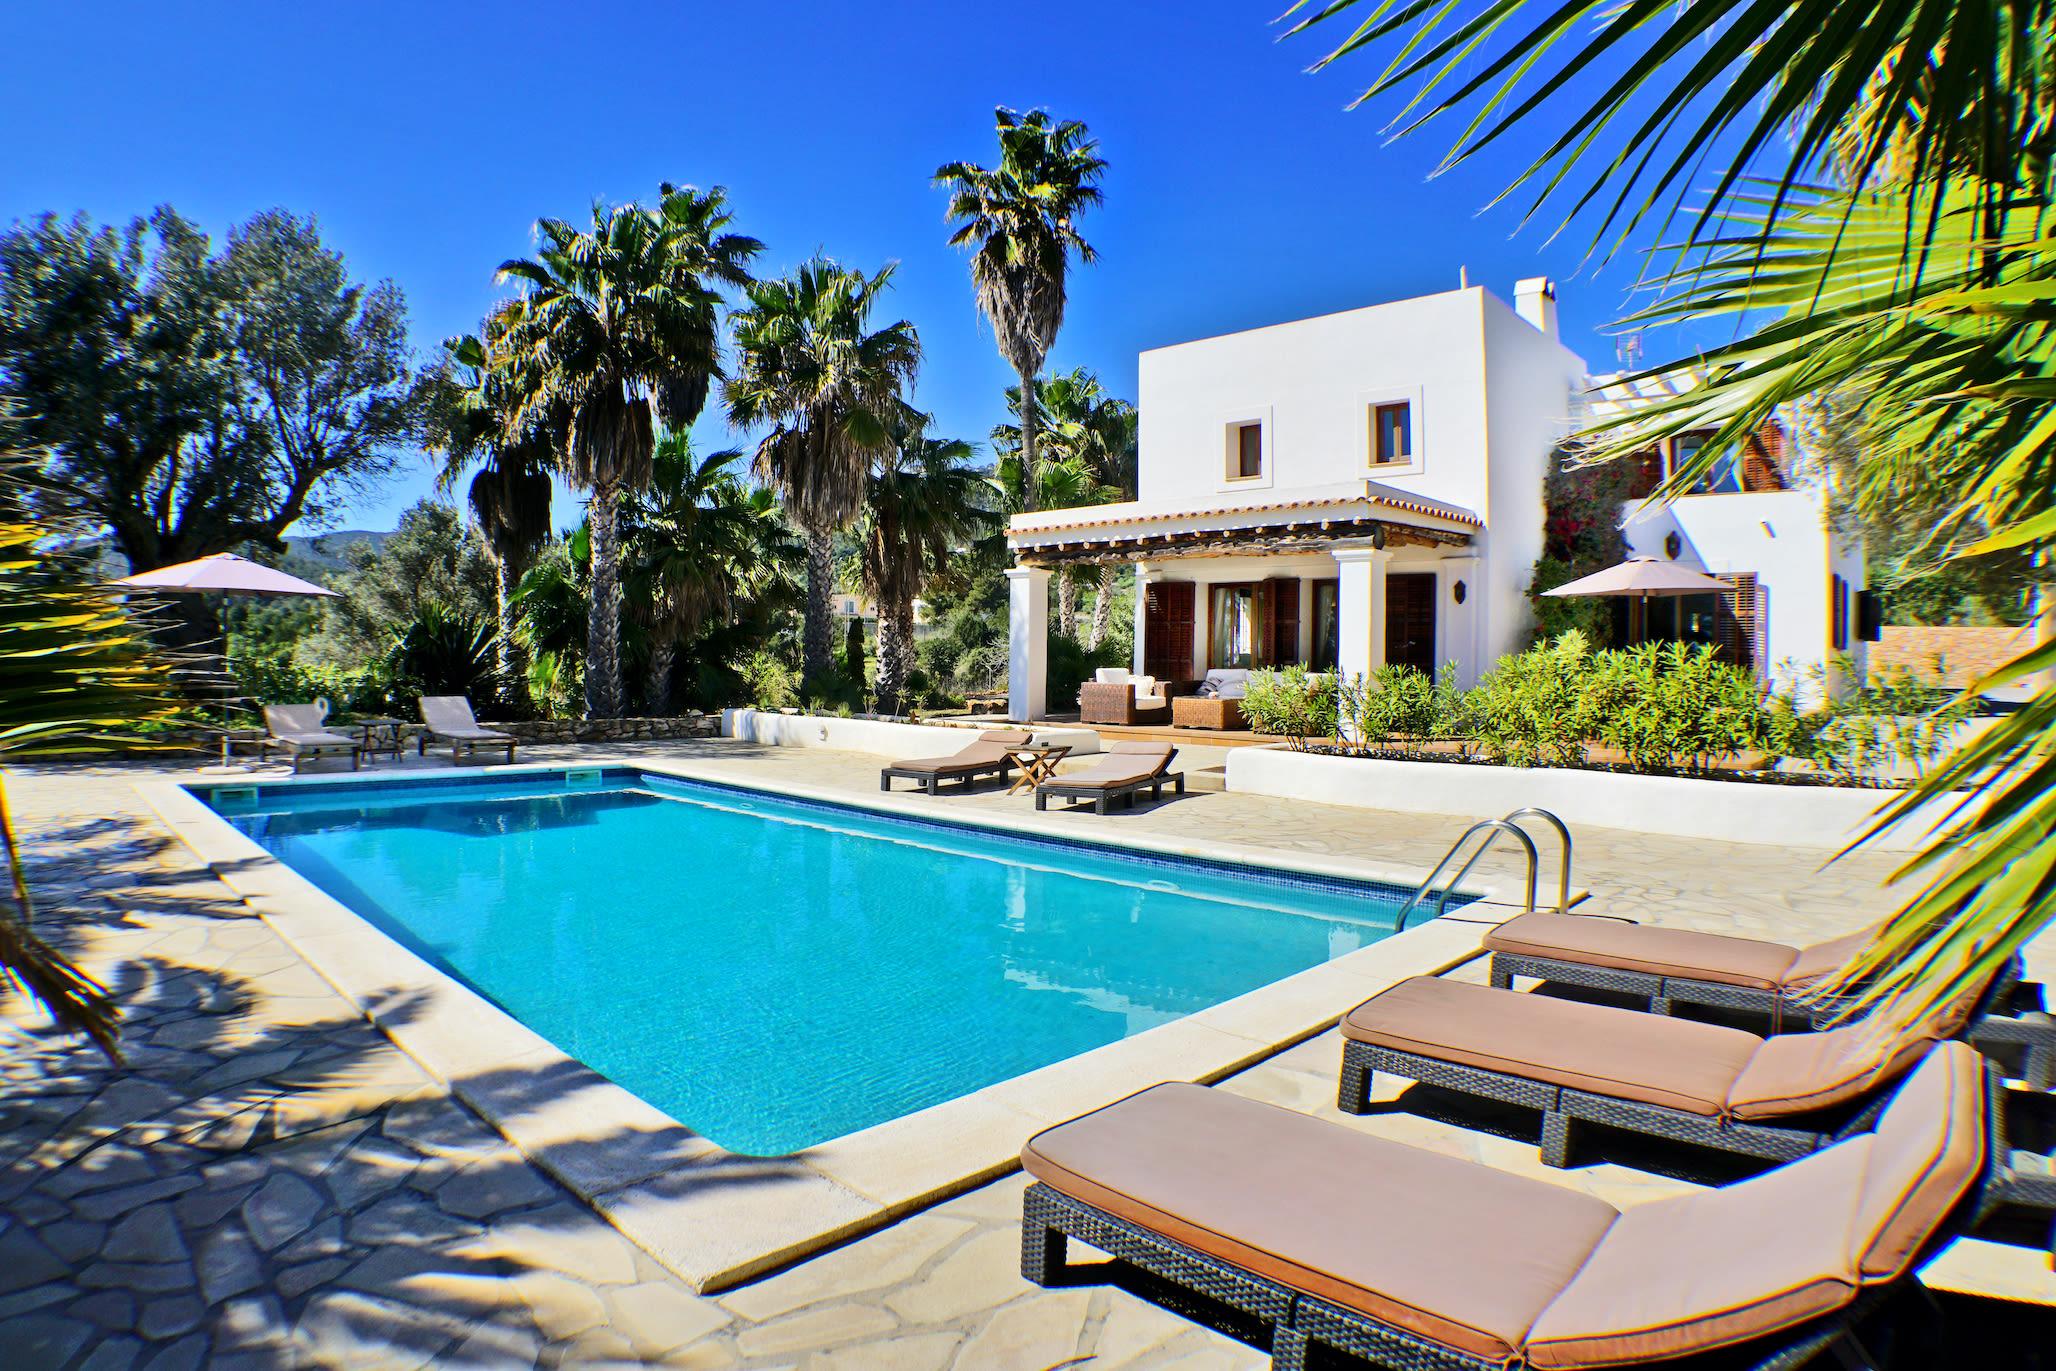 - Villa Ario - Image 1/37